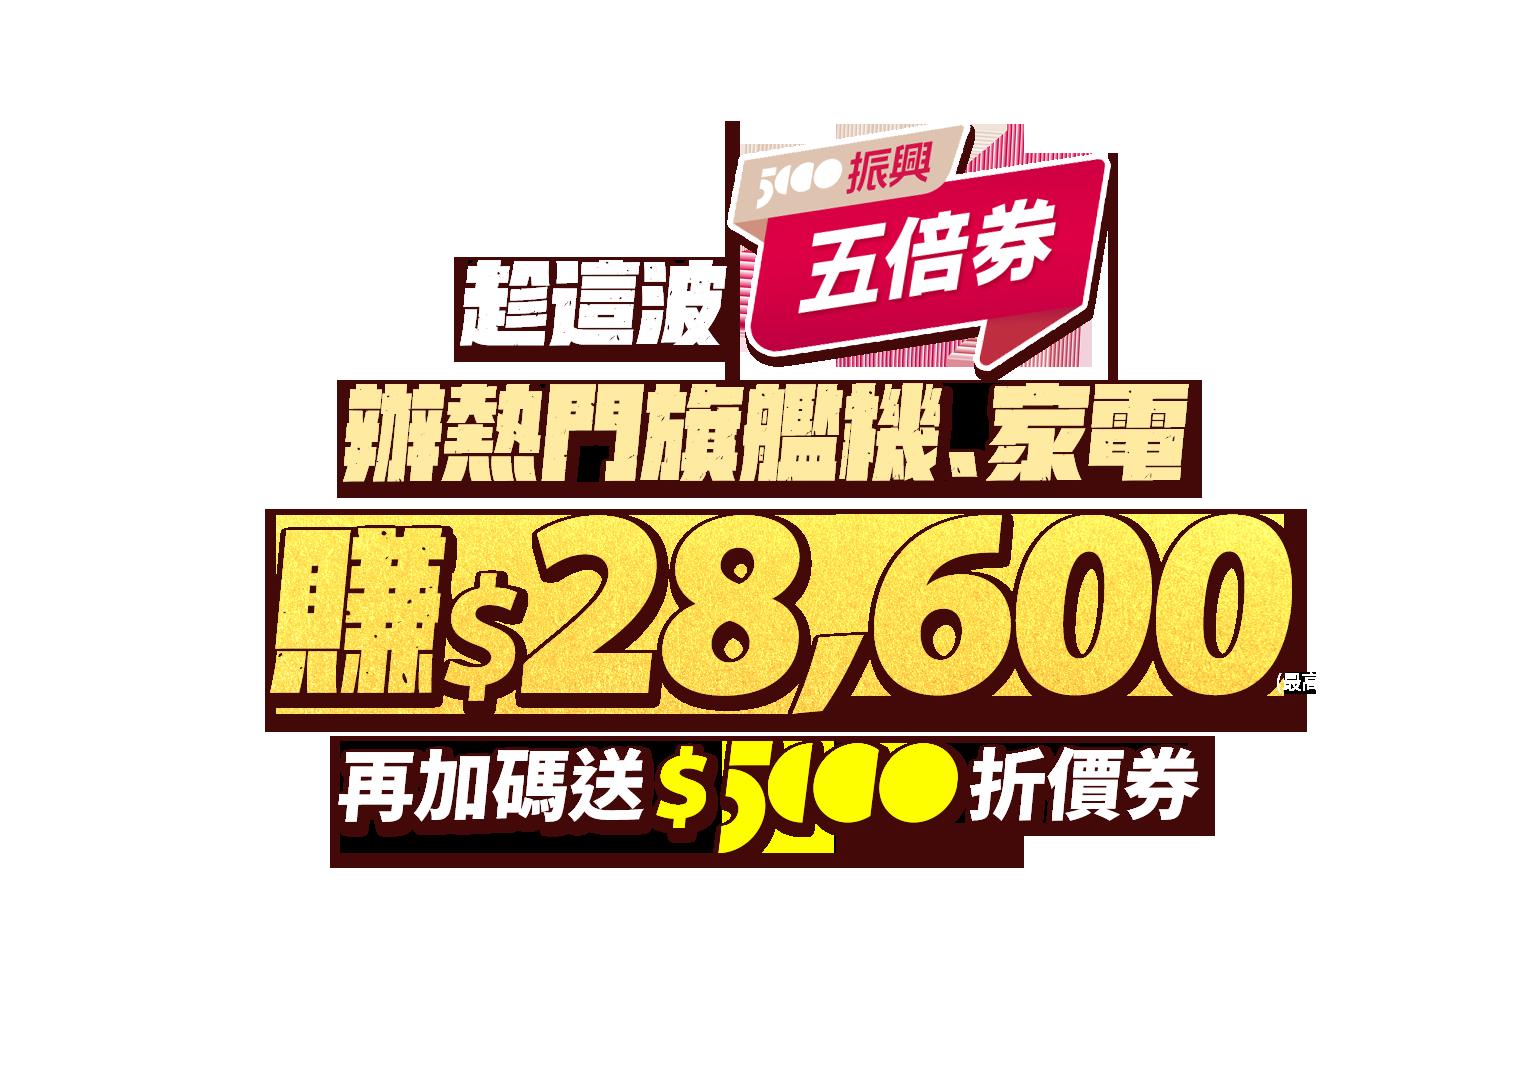 趁這波五倍券 辦熱門旗艦機、家電 賺$28,600(最高)